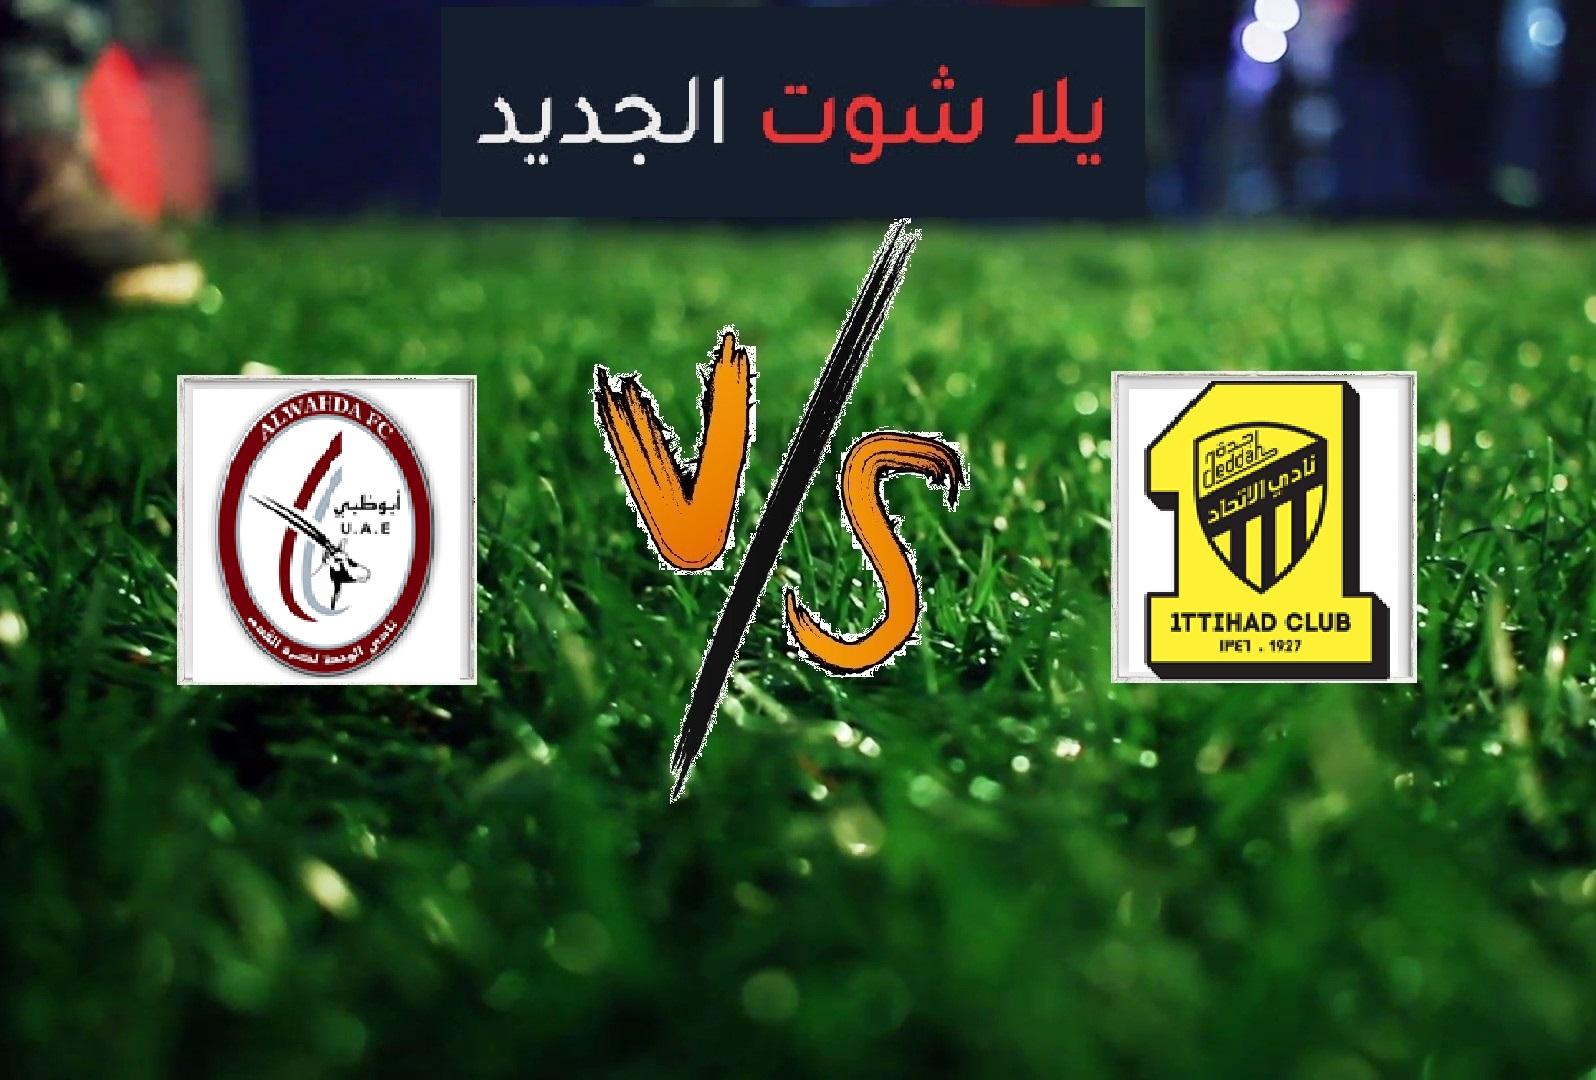 ملخص مباراة الاتحاد والوحدة الاماراتي اليوم الثلاثاء بتاريخ 21-05-2019 دوري أبطال آسيا